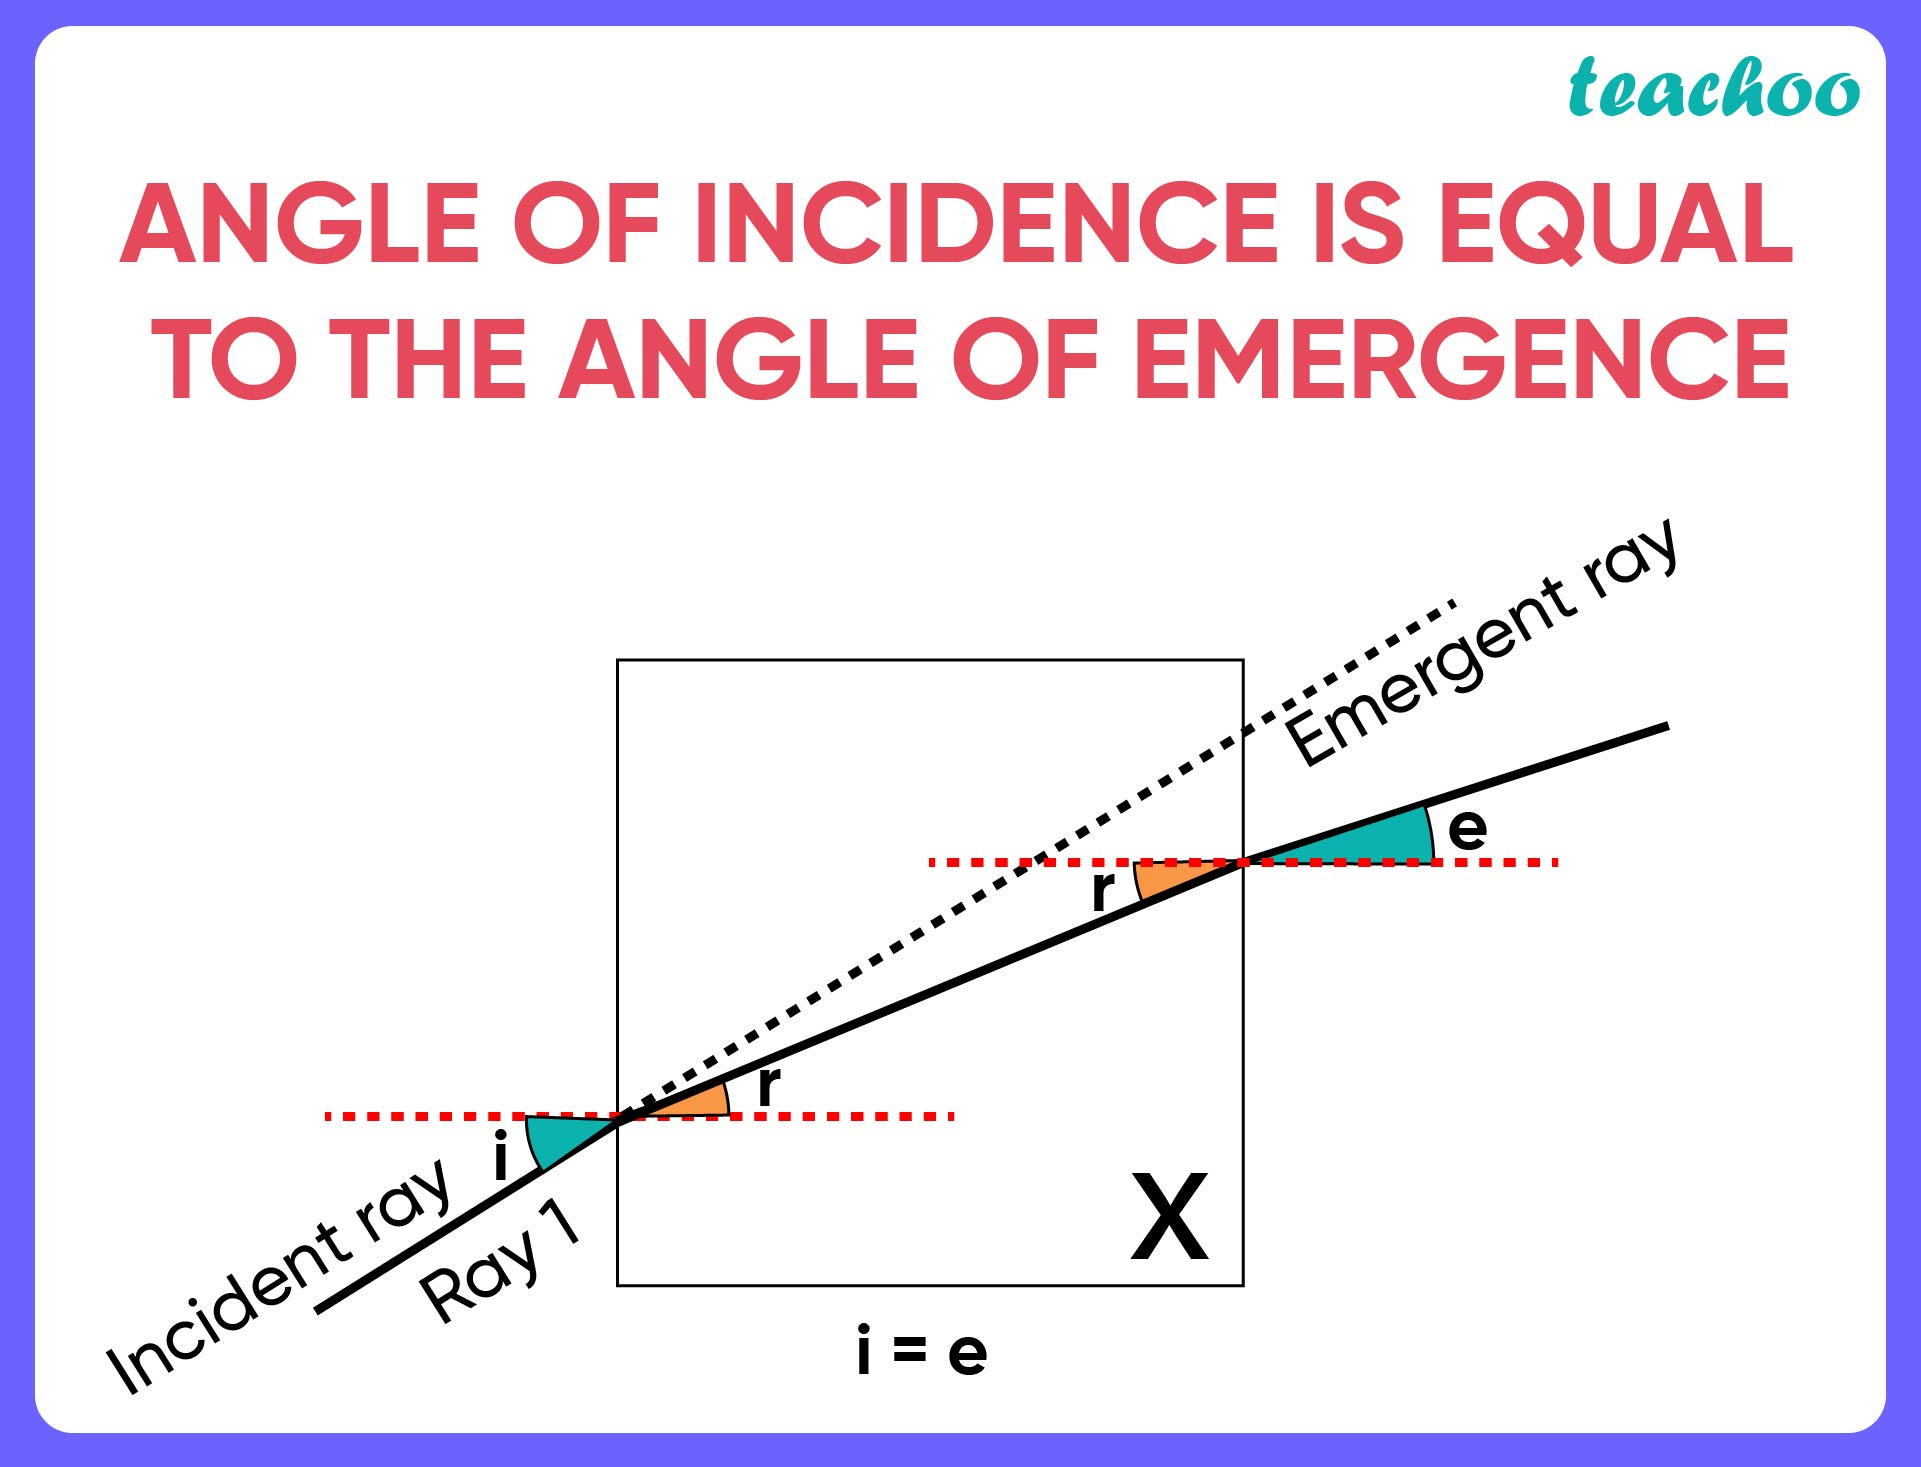 Angle of incidence is equal to the angle of emergence-01.jpg